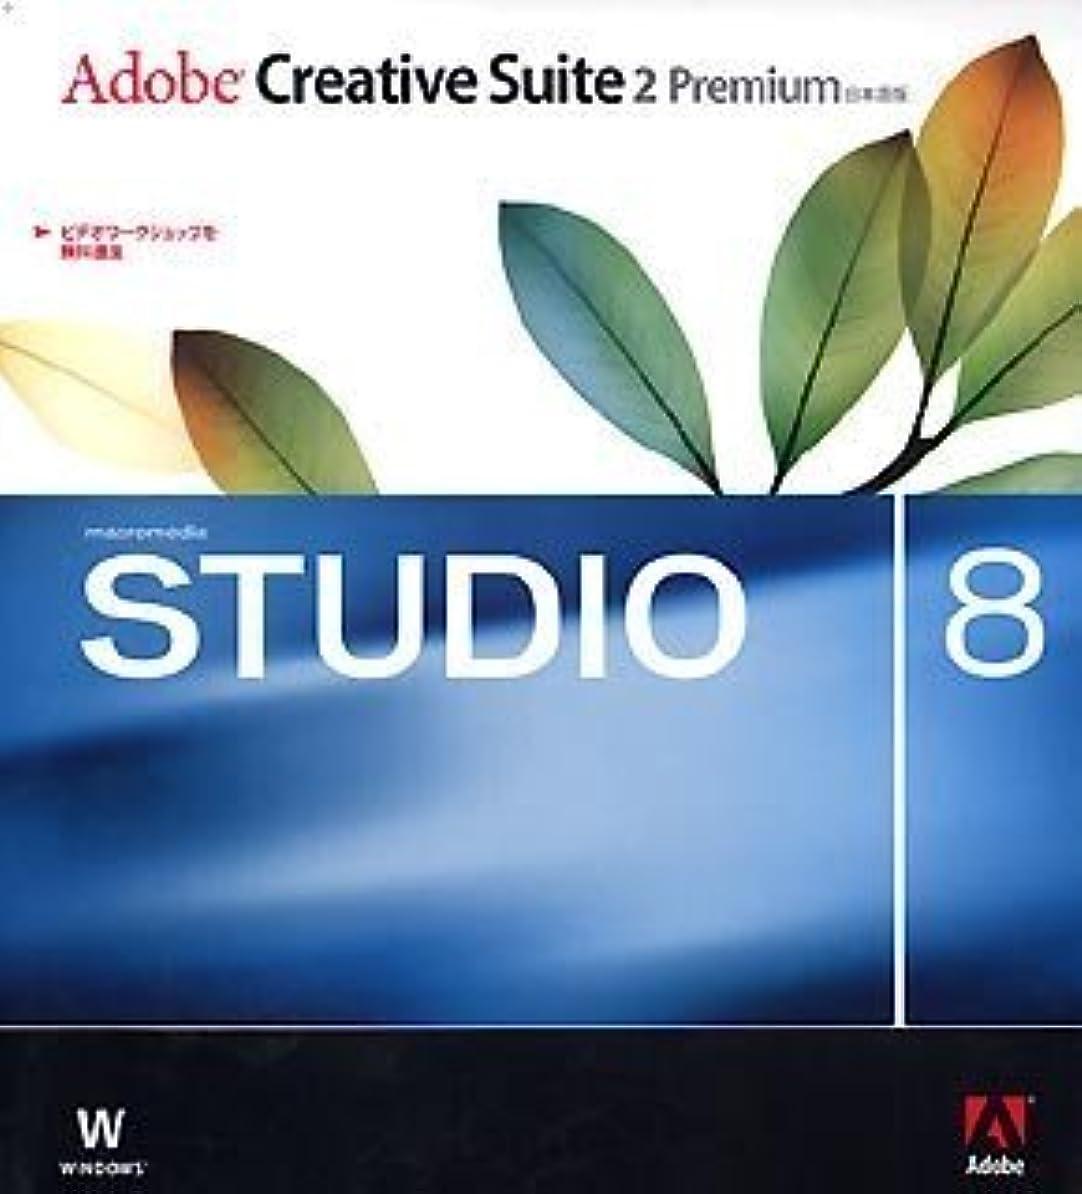 パネルインタビュー過剰Adobe Web Bundle 日本語版 Windows版